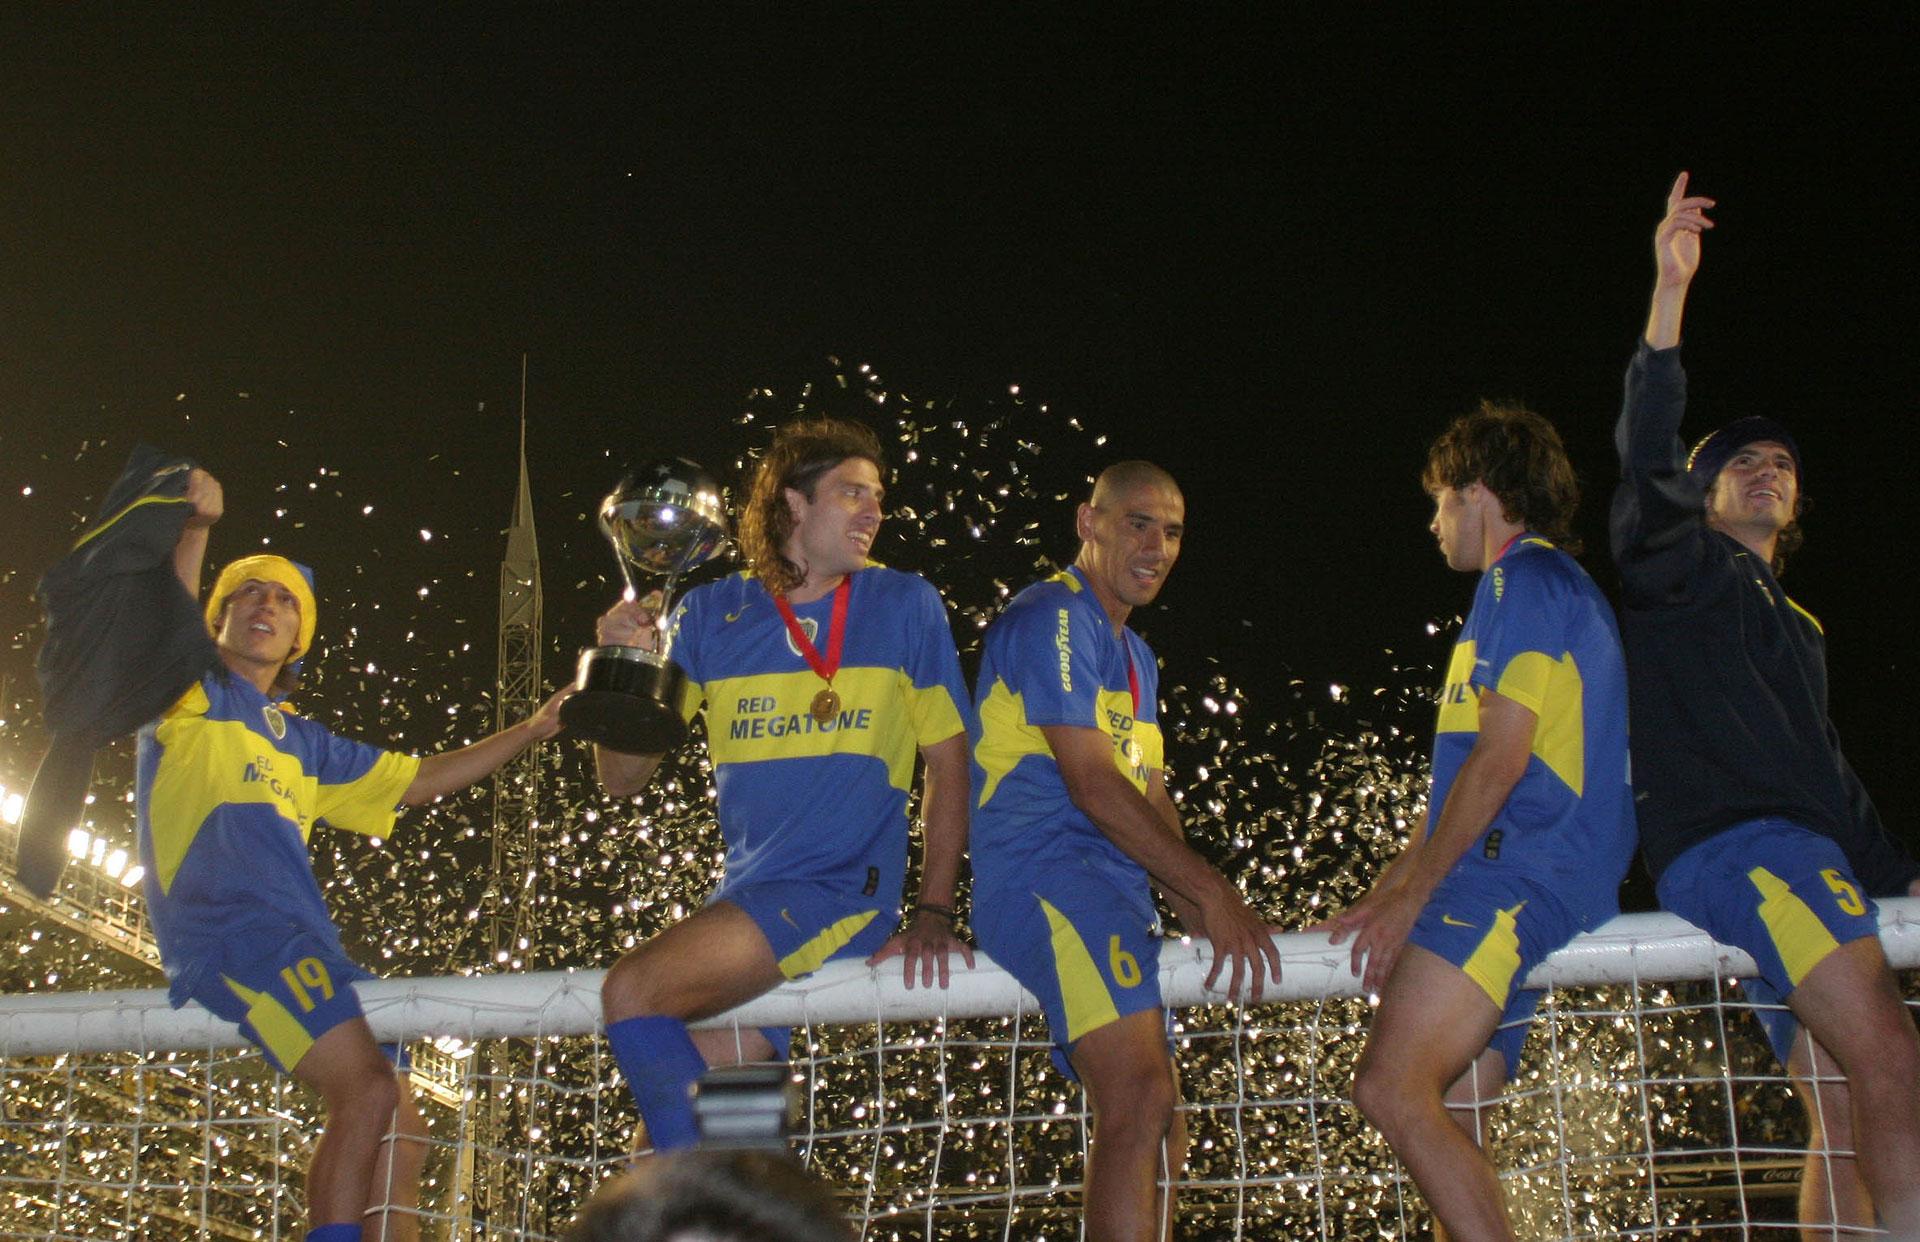 """Copa Sudamericana 2005: otro título internacional para equipo de Basile celebrado por Neri Cardozo, Daniel Bilos, """"Cata"""" Díaz y Federico Insúa junto a Gago (Foto Baires)"""